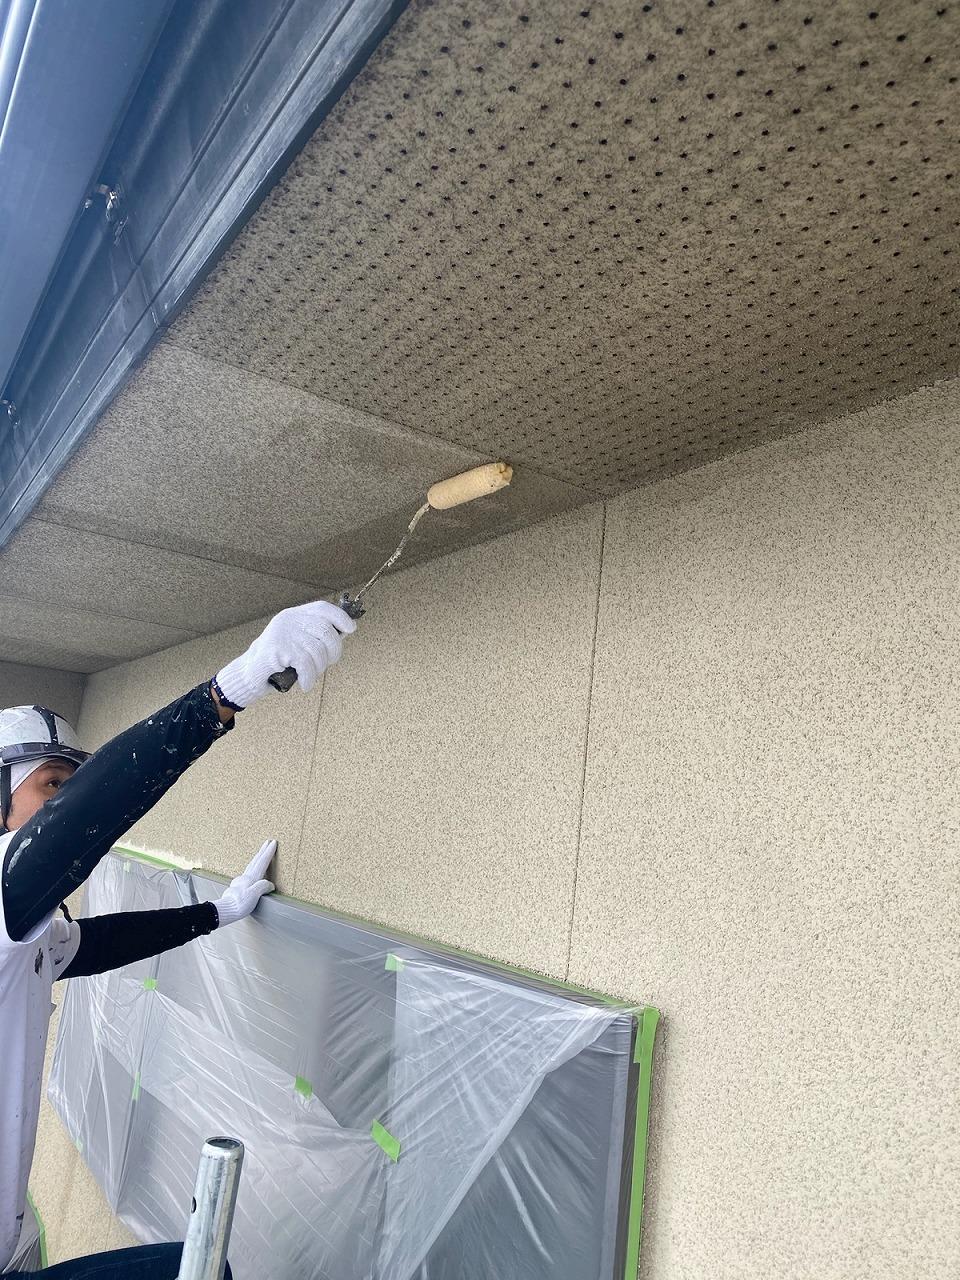 福岡市東区戸建ての付帯部塗装の様子をご紹介します